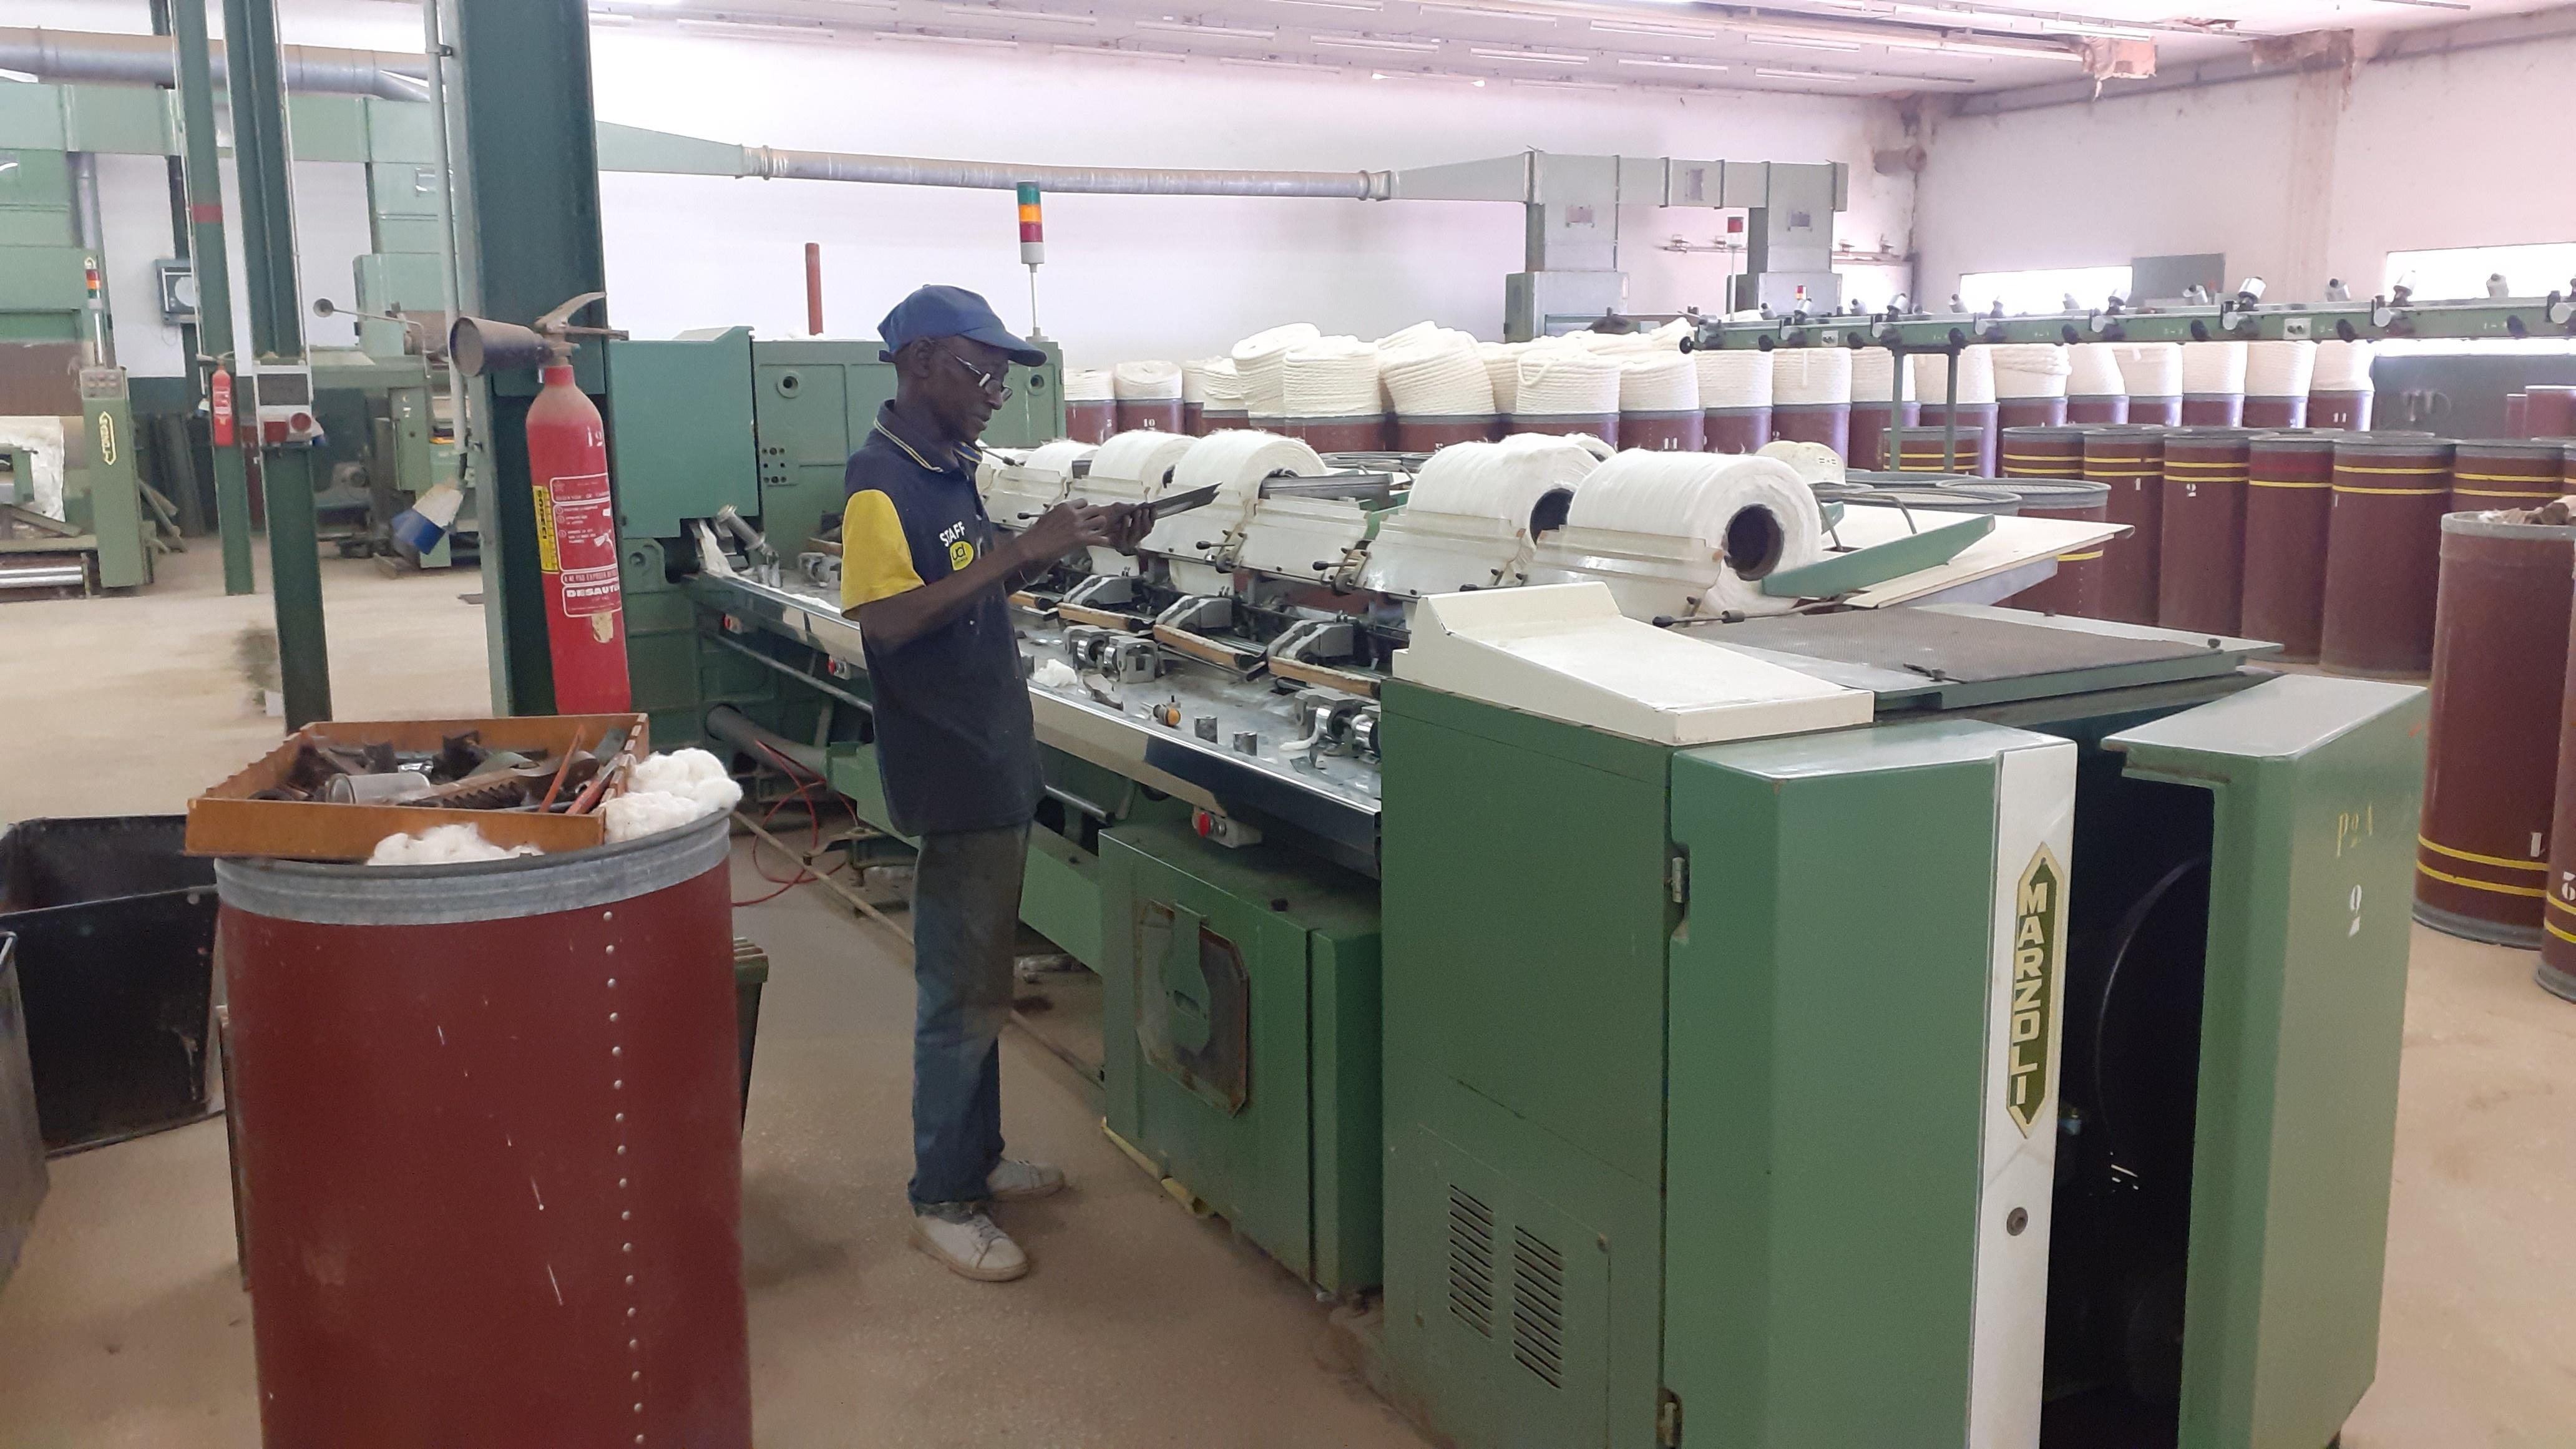 Arbeiter in Textilfirma